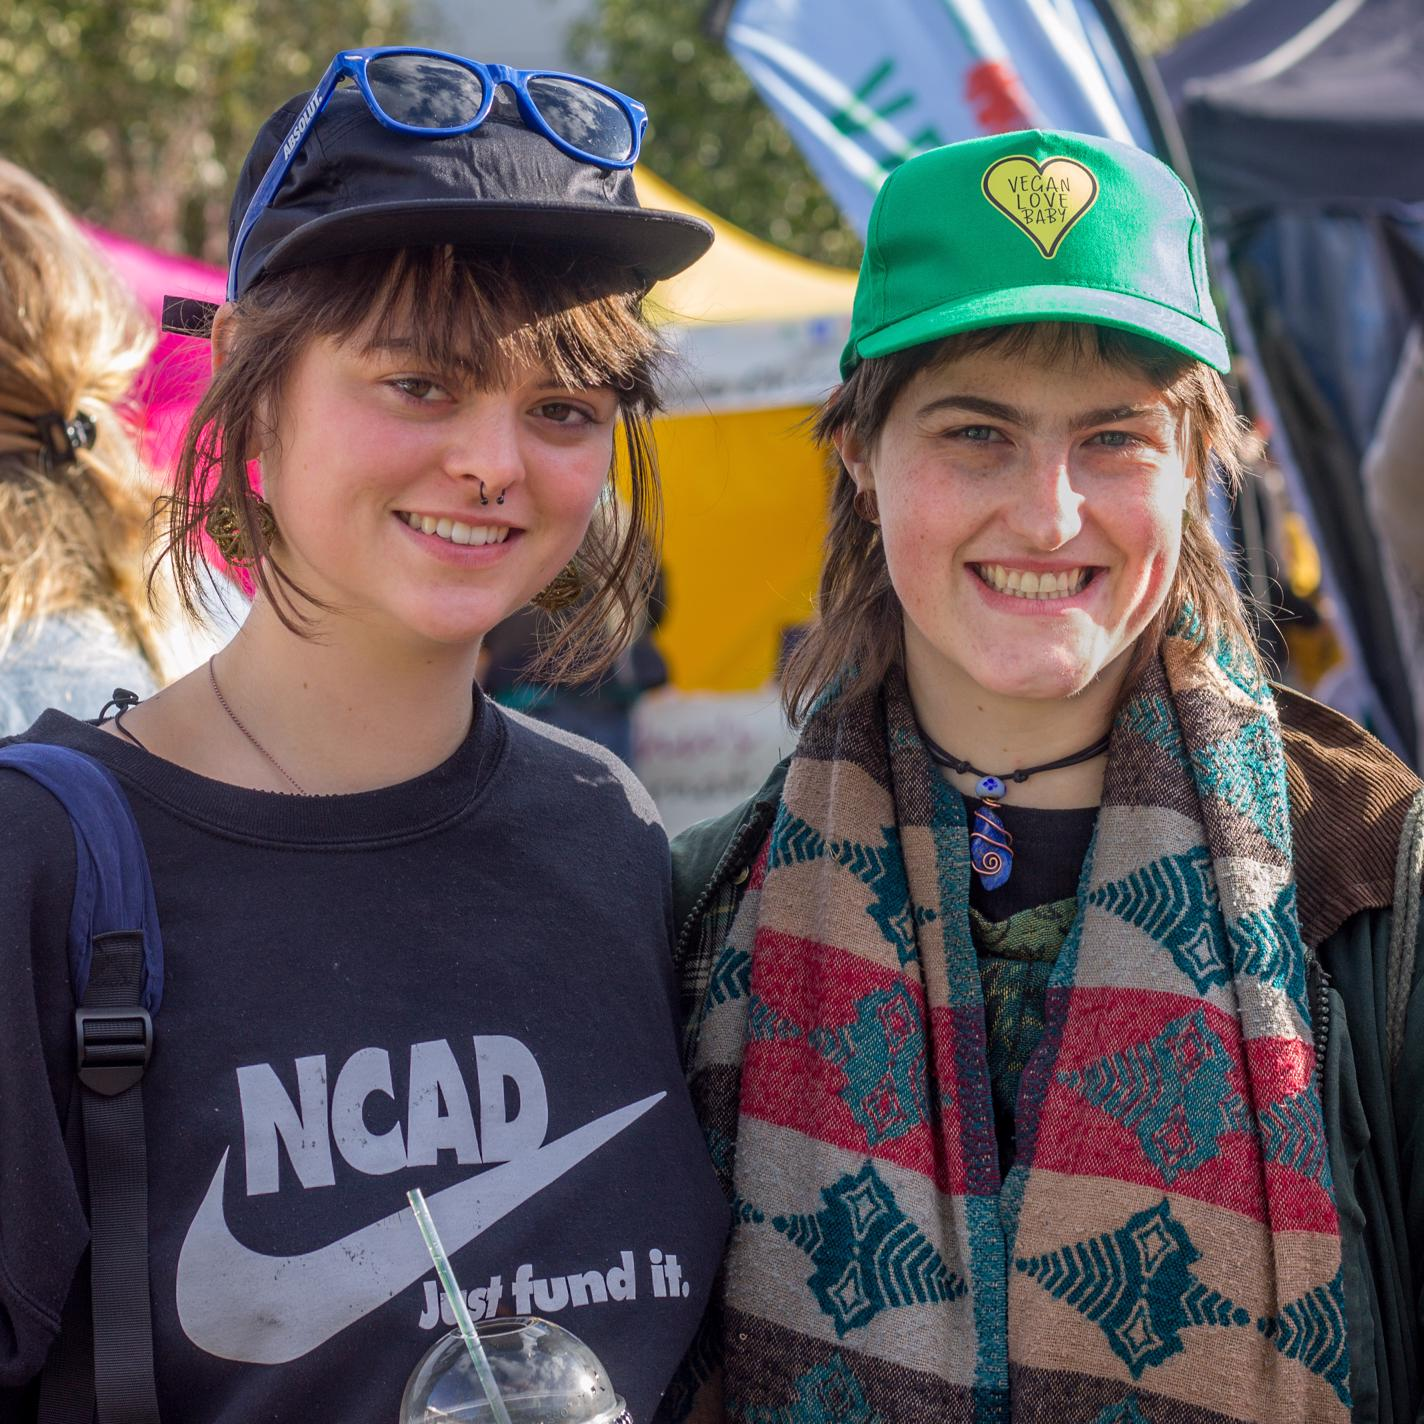 TWO YOUNG WOMEN SMILING. WEARING TRUCKER/BASEBALL CAPS